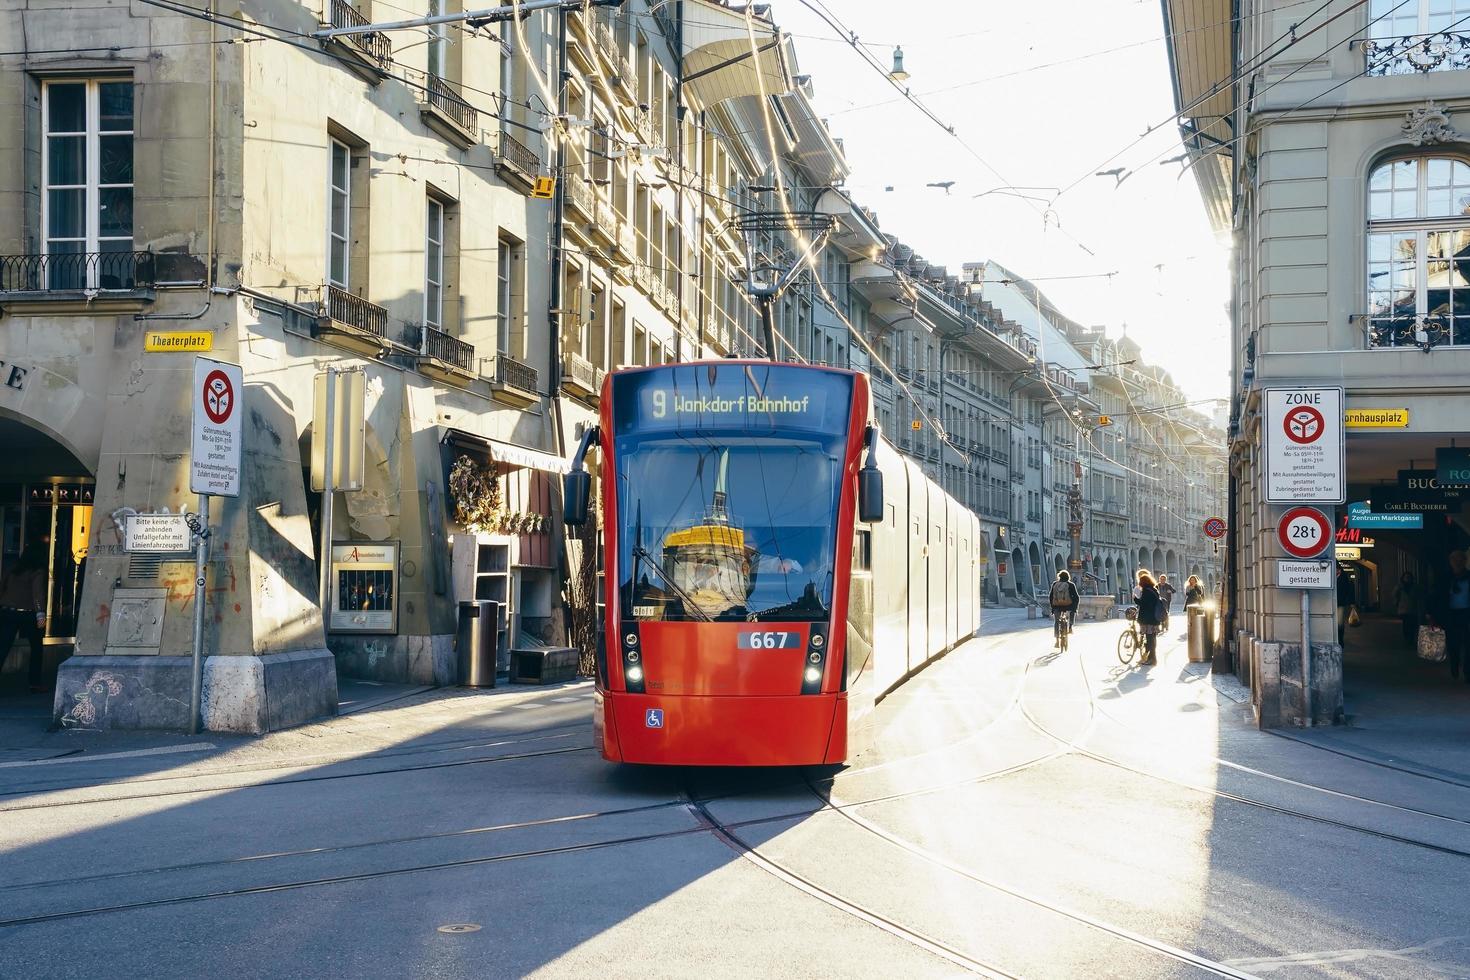 moderne stadtbahn in bern, schweiz foto